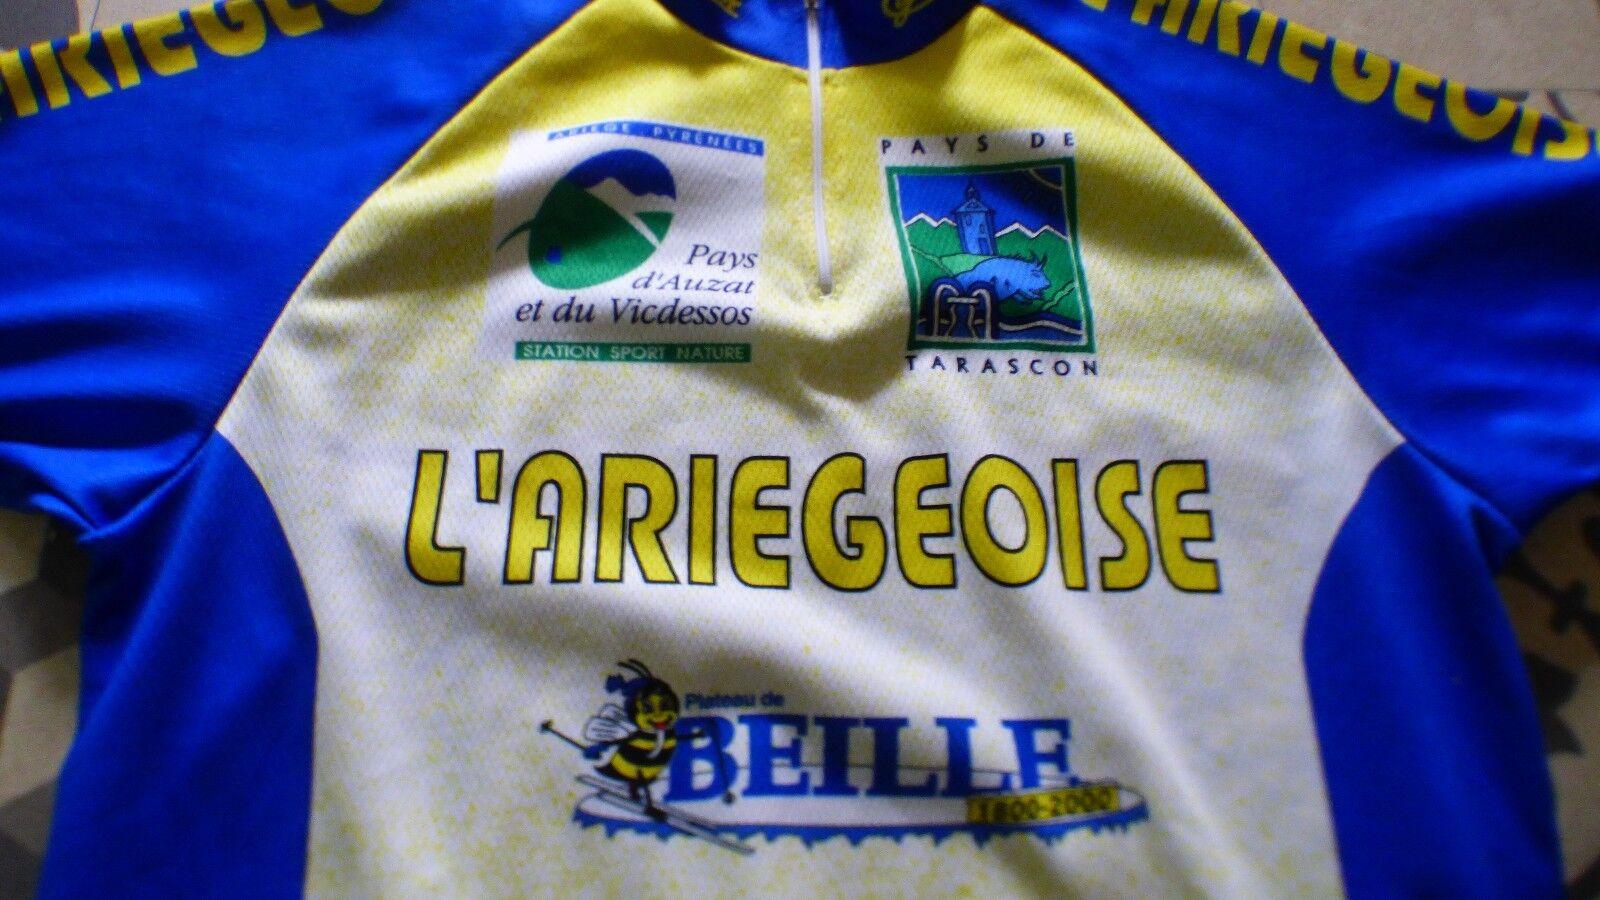 Maillot de vélo vintage L'Ariegeoise  66 cm sur 48cm 48cm 48cm 104fde